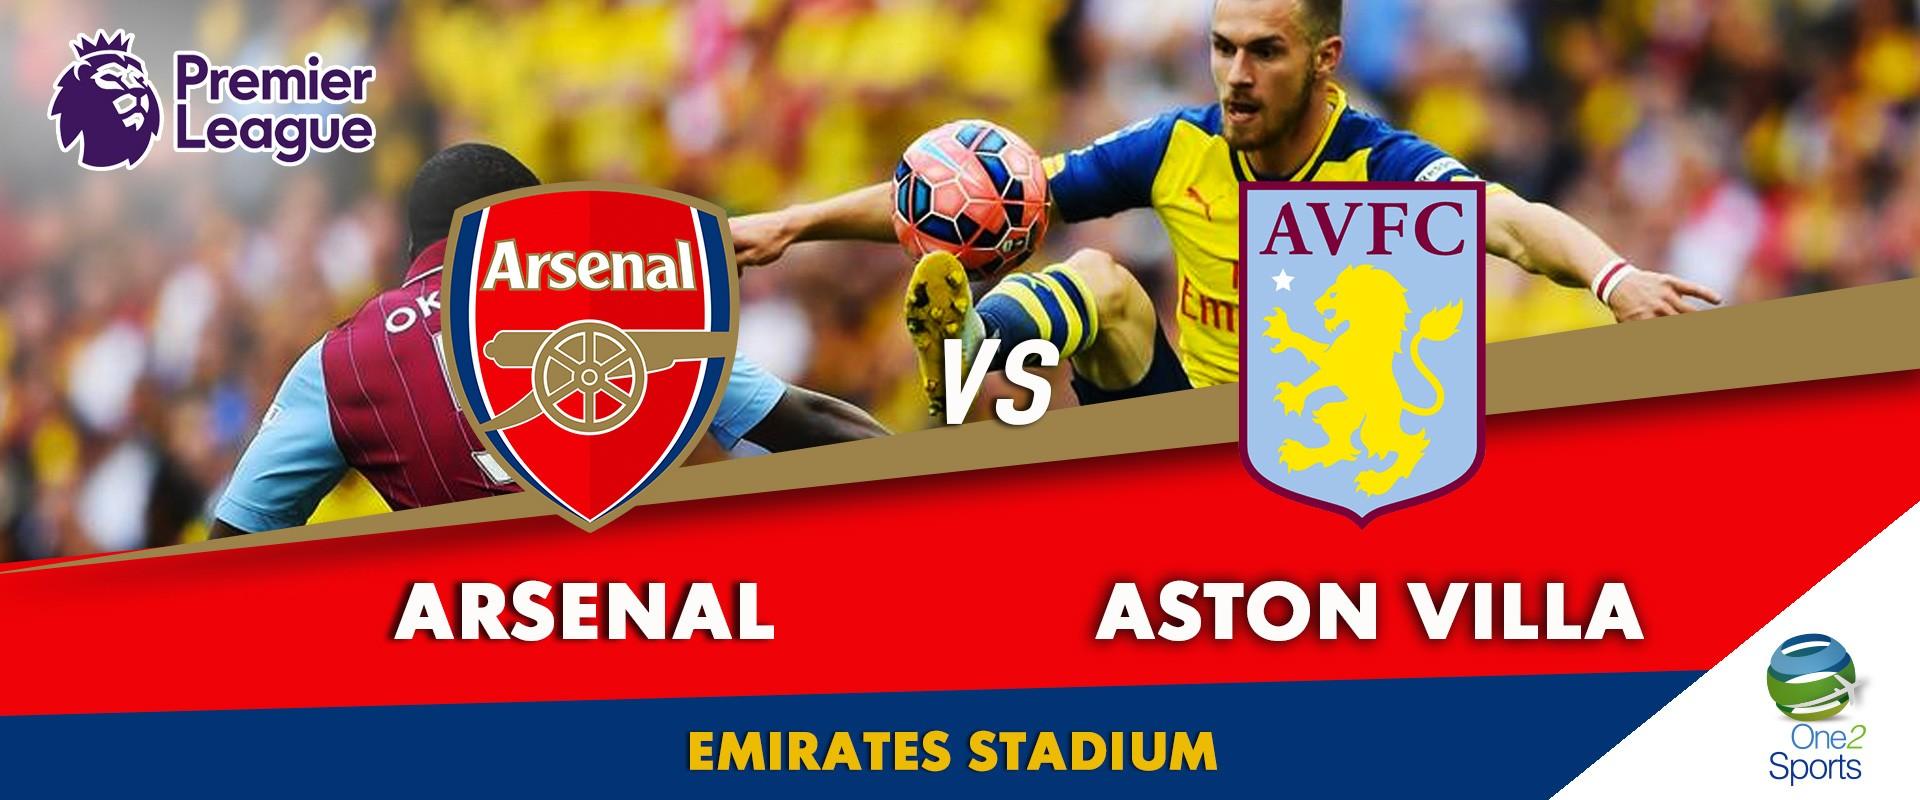 Calendario Arsenal.Calendario Arsenal One2 Travel Group